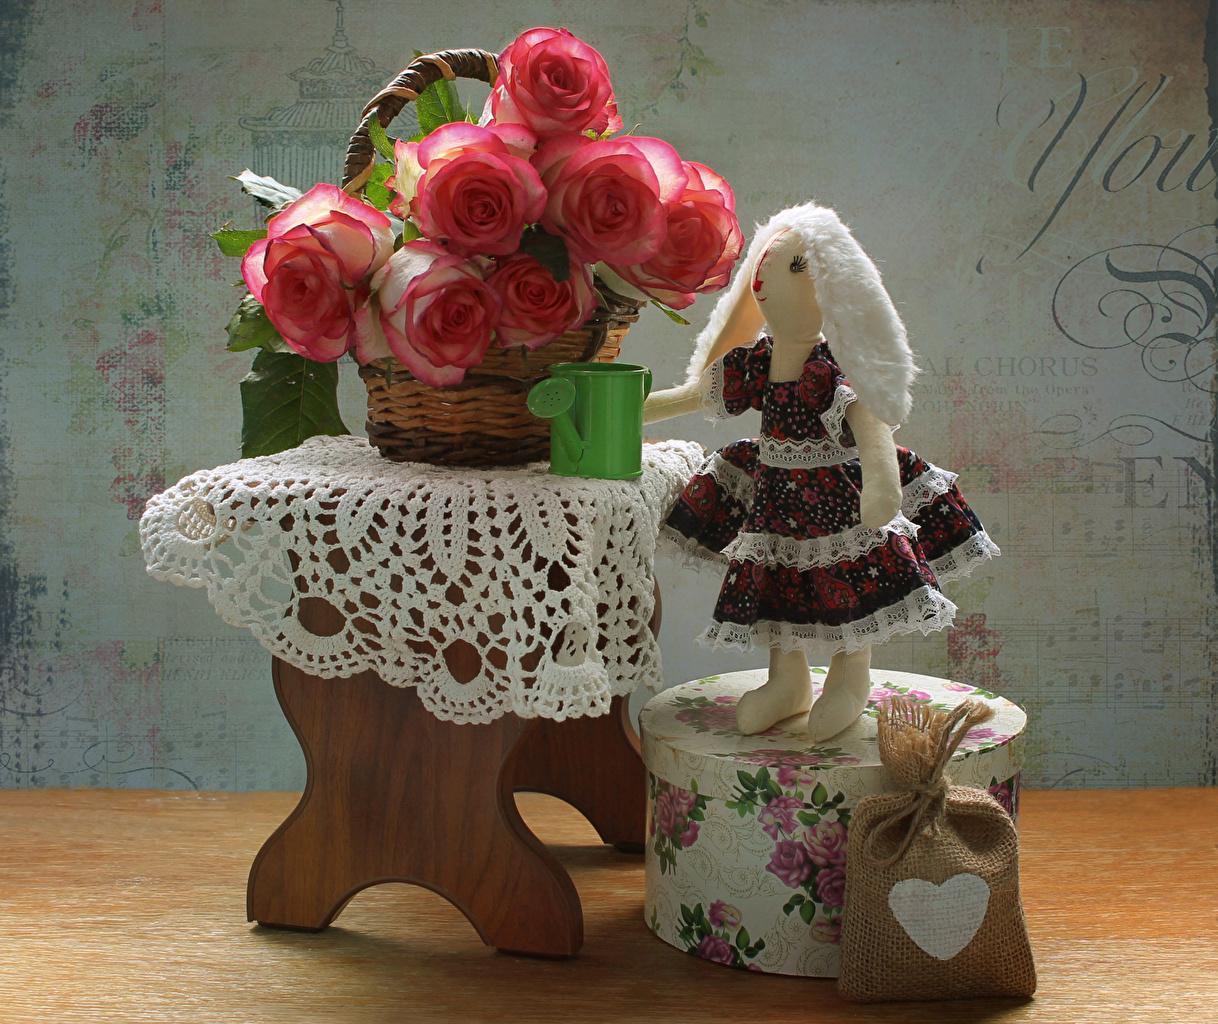 Обои для рабочего стола Девочки Кукла сердечко Розы розовых цветок Коробка Корзина Скамья Натюрморт девочка куклы серце сердца Сердце роза Розовый розовая розовые Цветы коробке коробки корзины Корзинка Скамейка